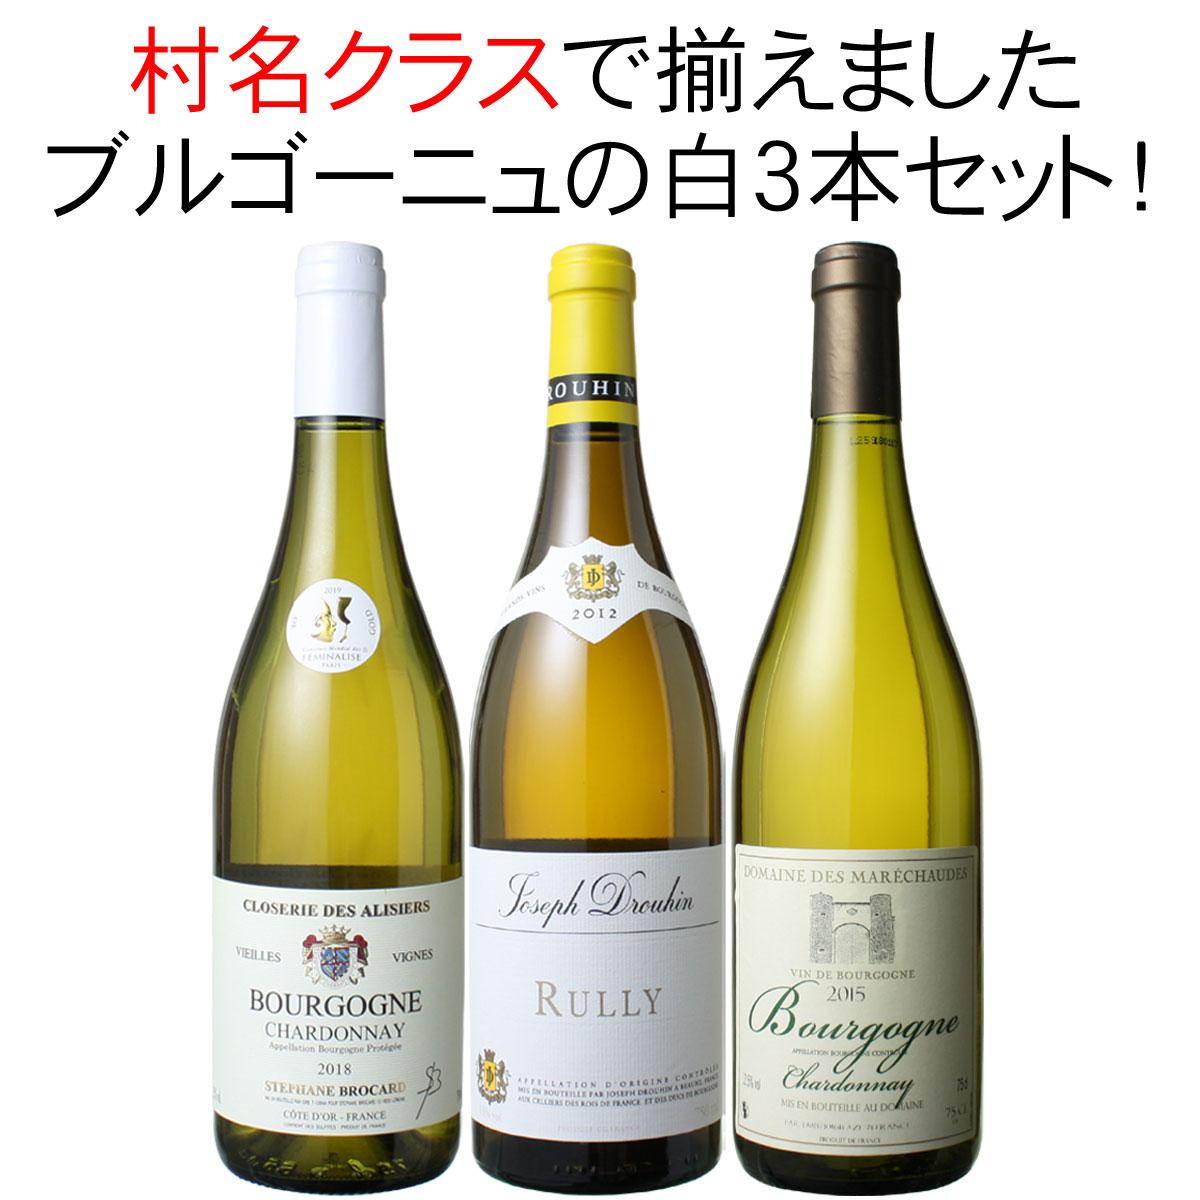 ワインセット ブルゴーニュ 白ワイン 3本 セット 村名クラス入 シャルドネ 家飲み 御祝 誕生日 ハロウィン ギフト プレゼント